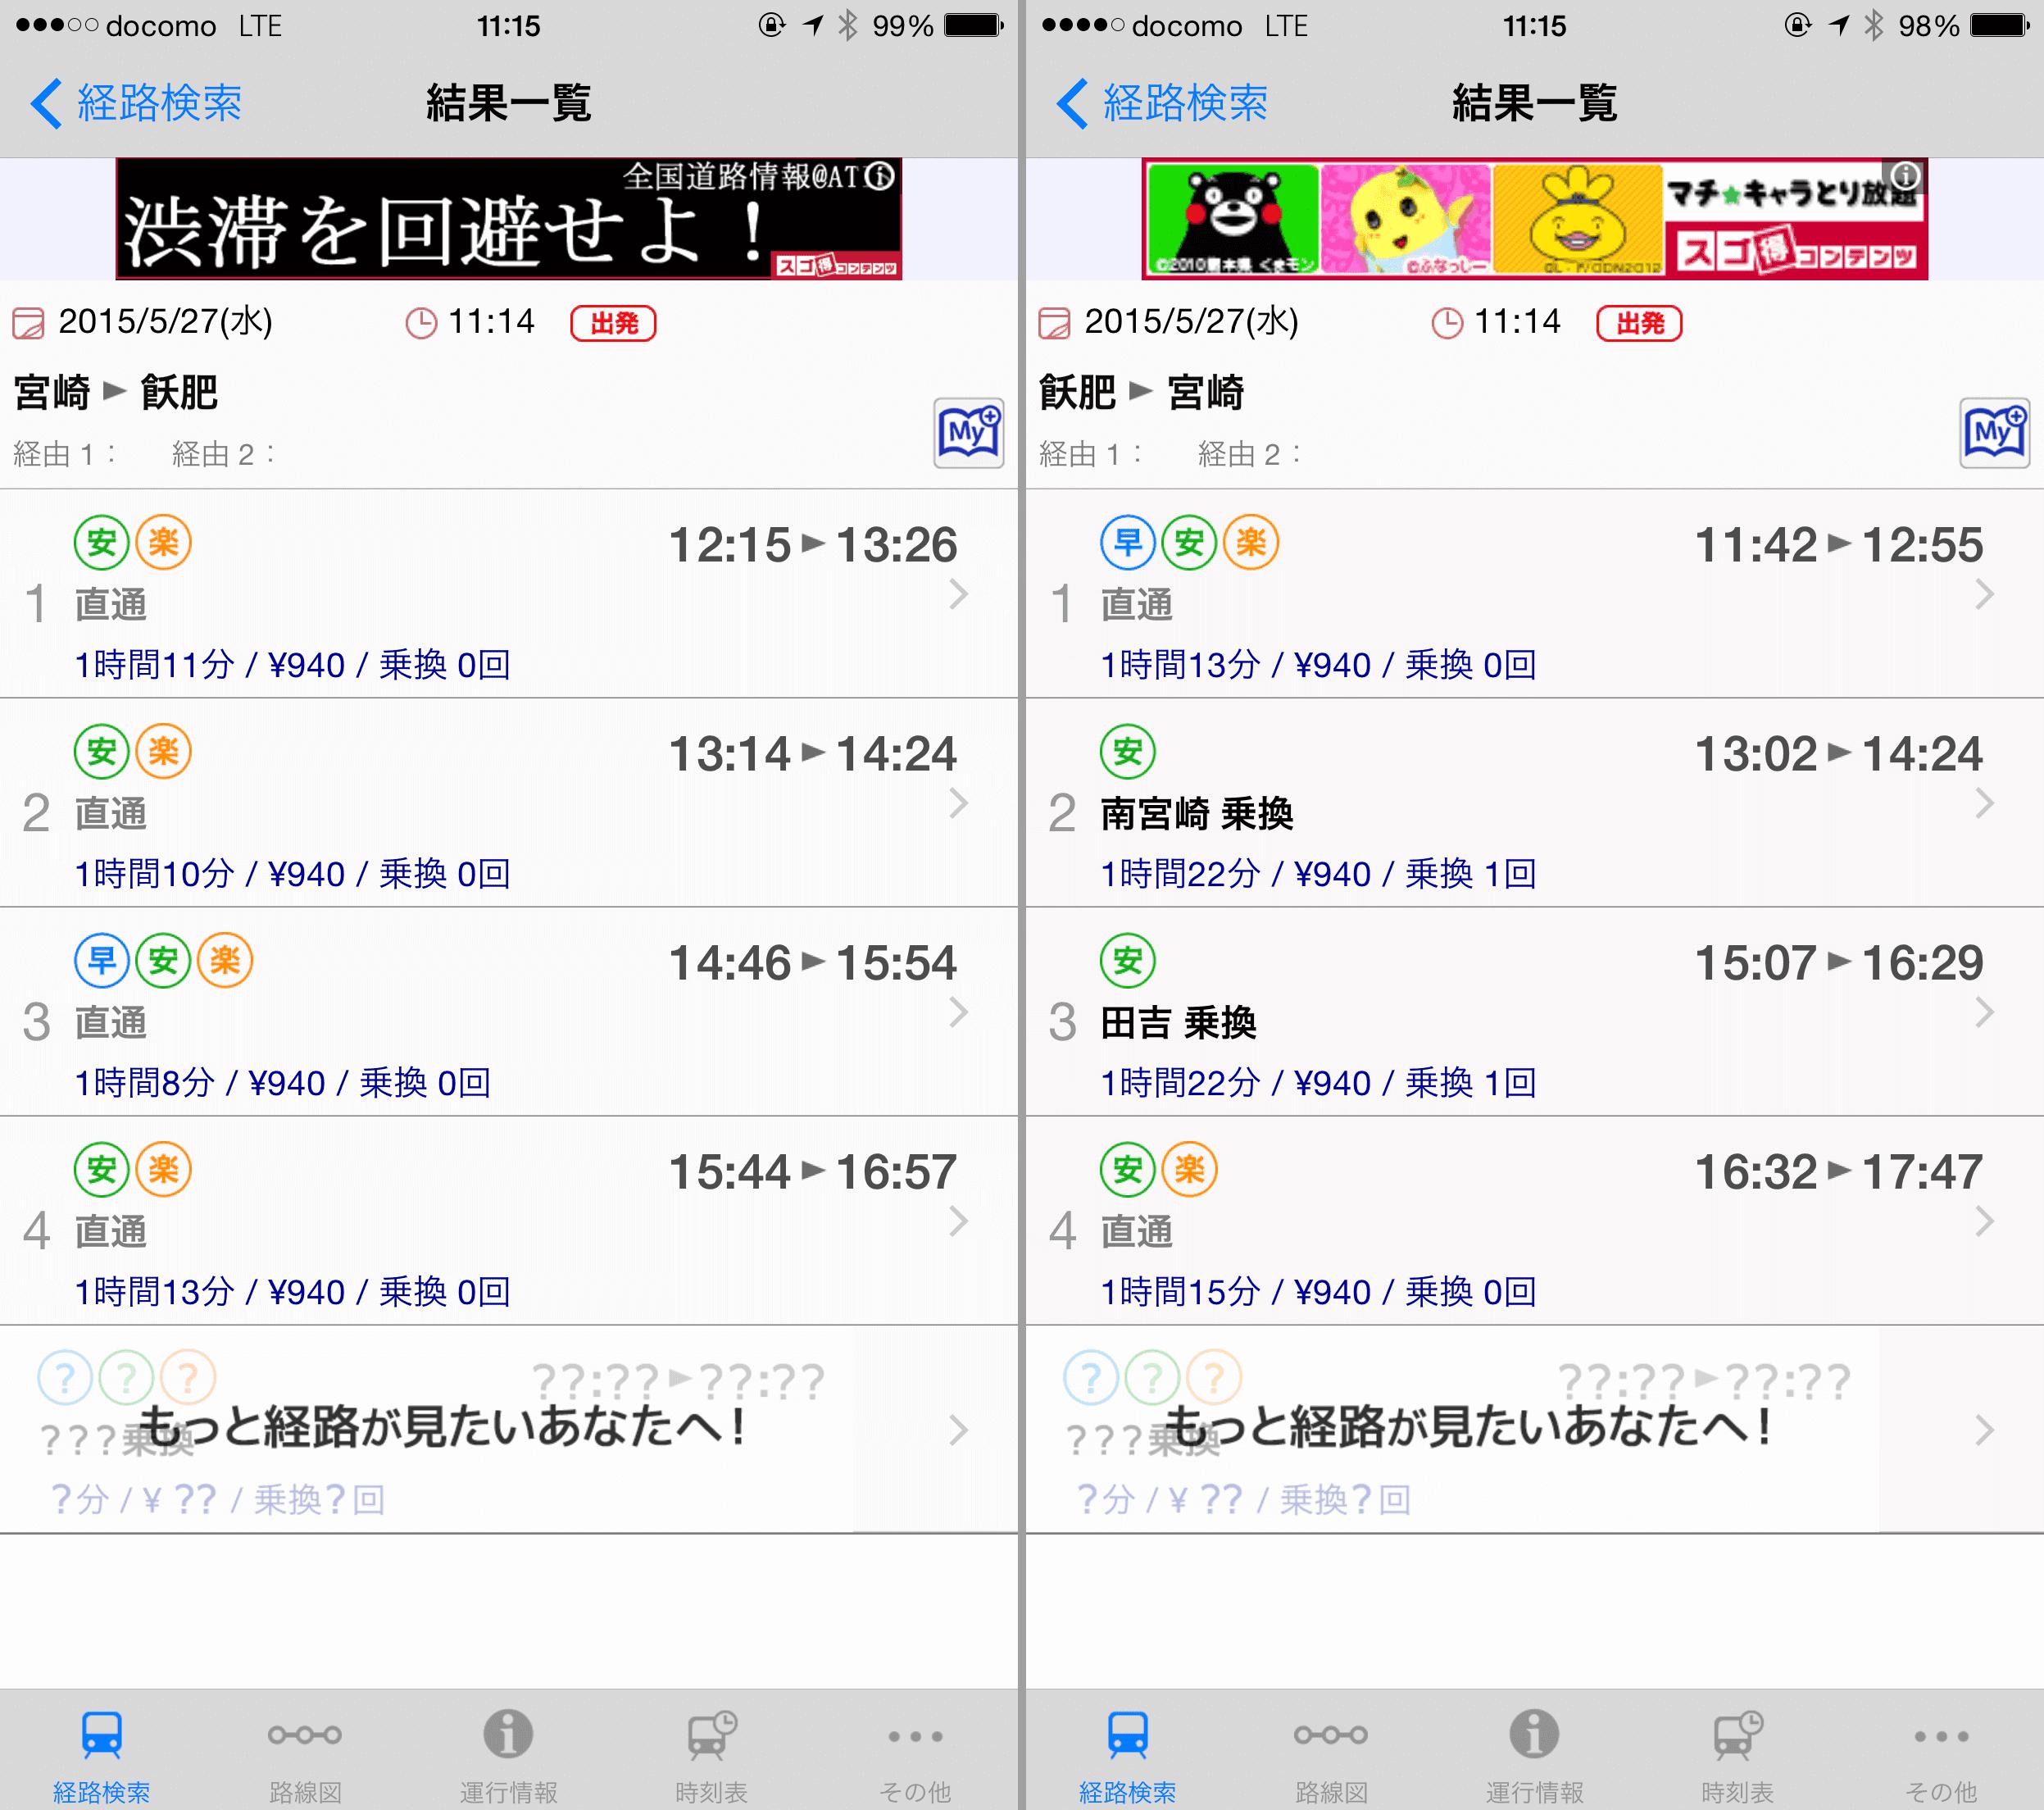 日南線の宮崎-飫肥往復タイムテーブル